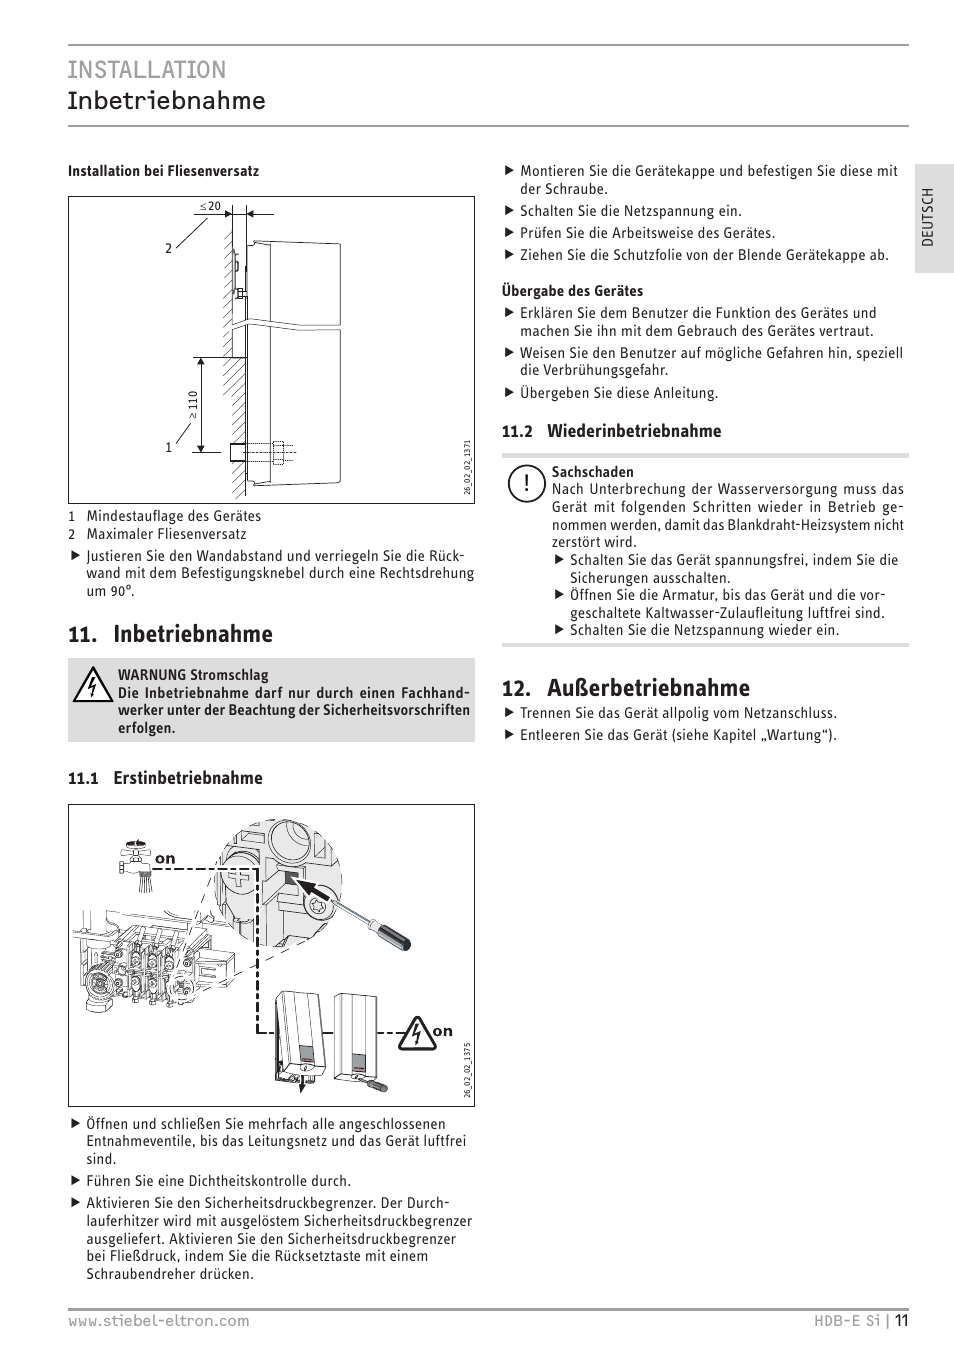 Installation Inbetriebnahme Inbetriebnahme Außerbetriebnahme - Fliesenversatz